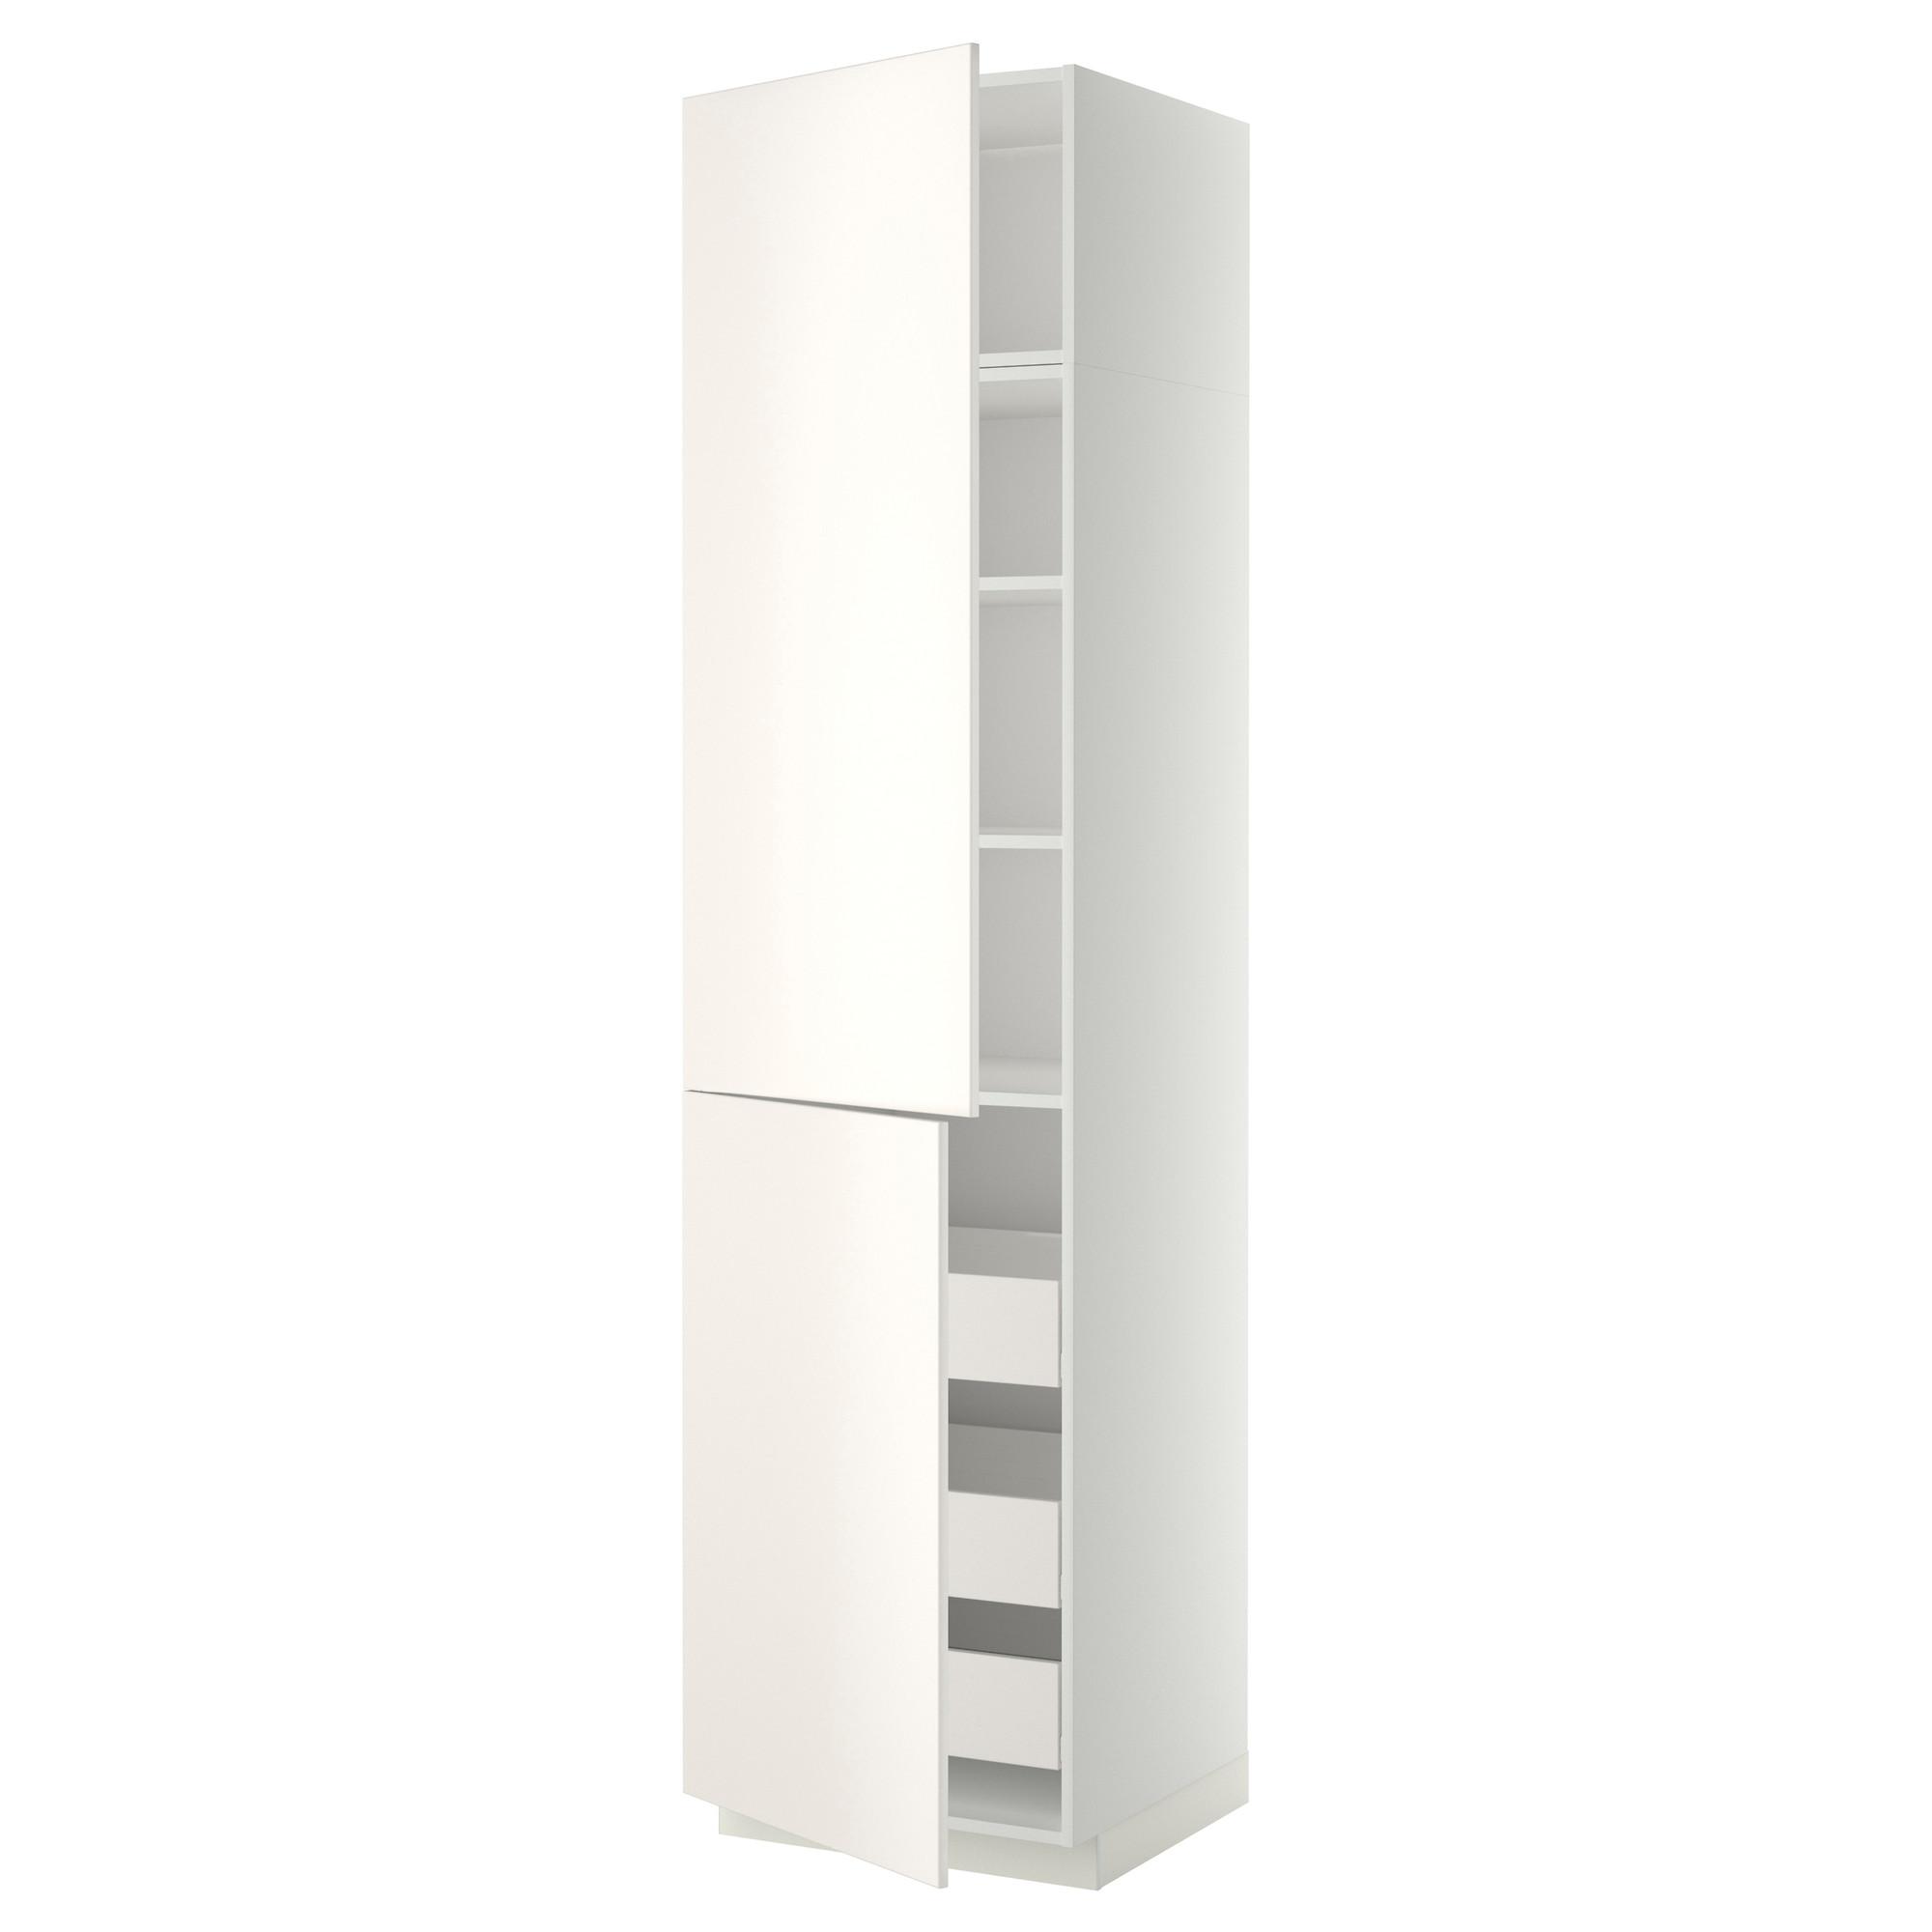 Высокий шкаф + полки, 3 ящика, 2 дверцы МЕТОД / ФОРВАРА белый артикуль № 992.647.56 в наличии. Интернет магазин IKEA Беларусь. Быстрая доставка и монтаж.